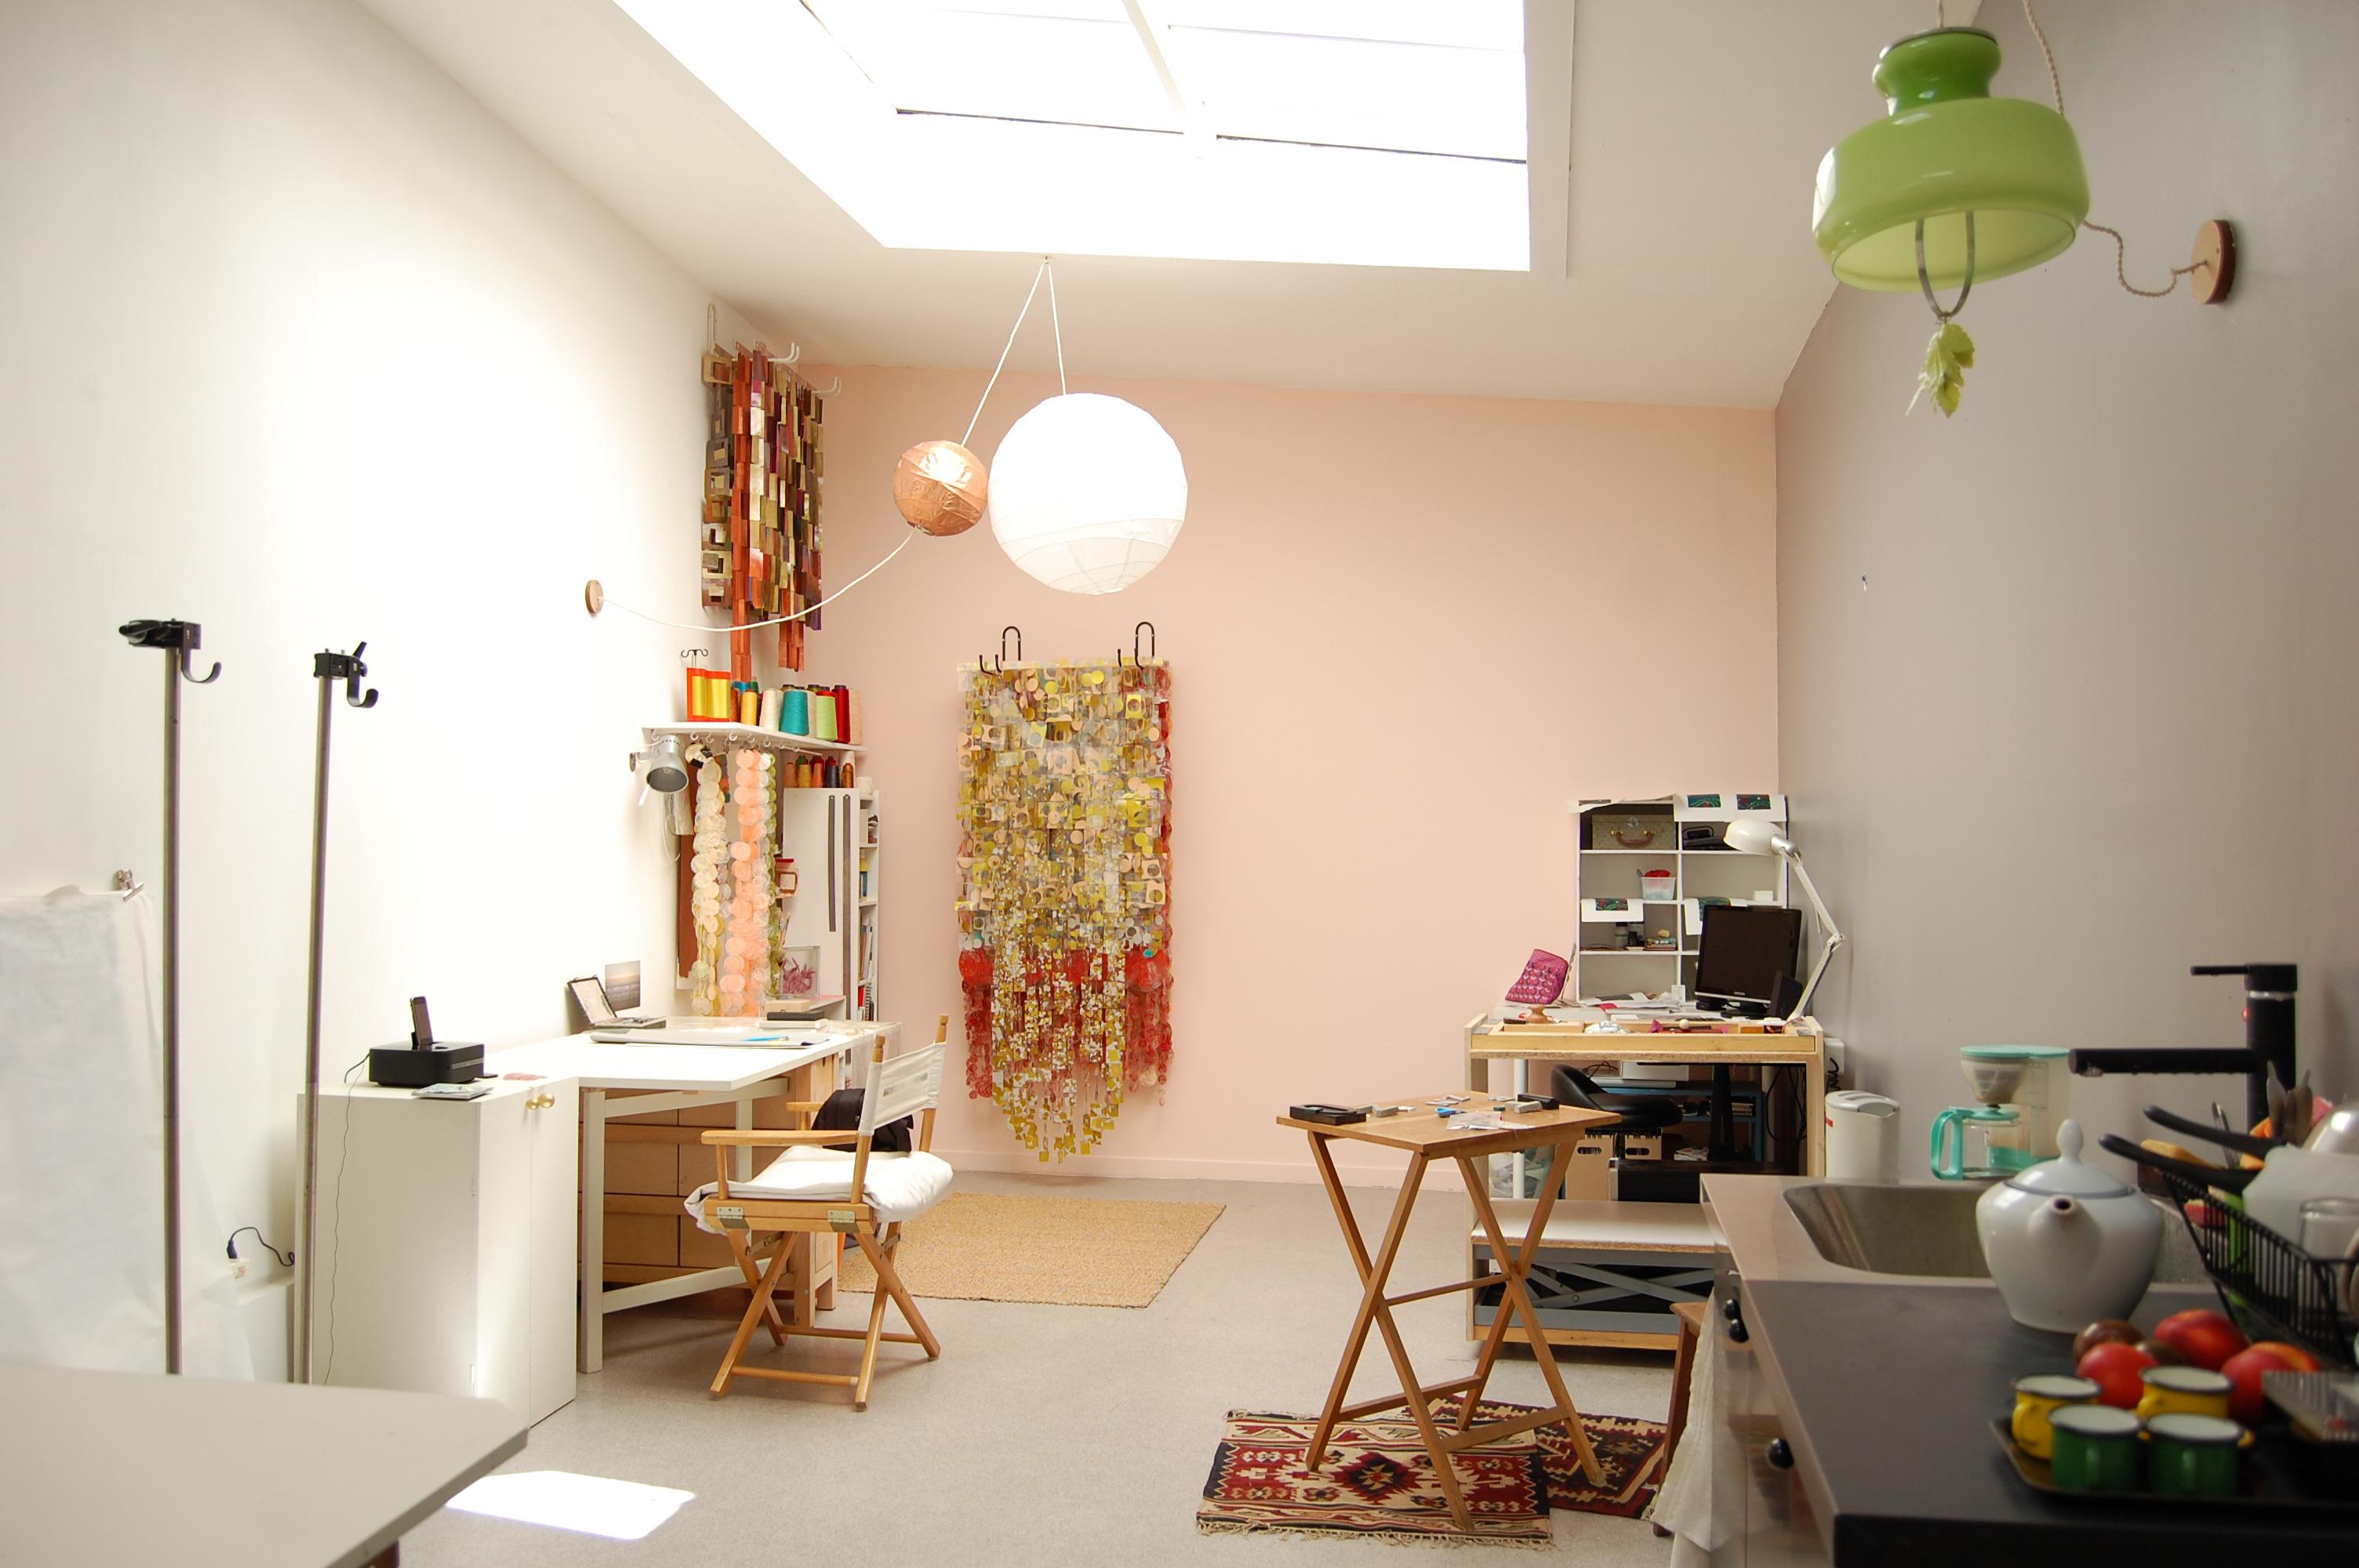 atelier_byzanceW26